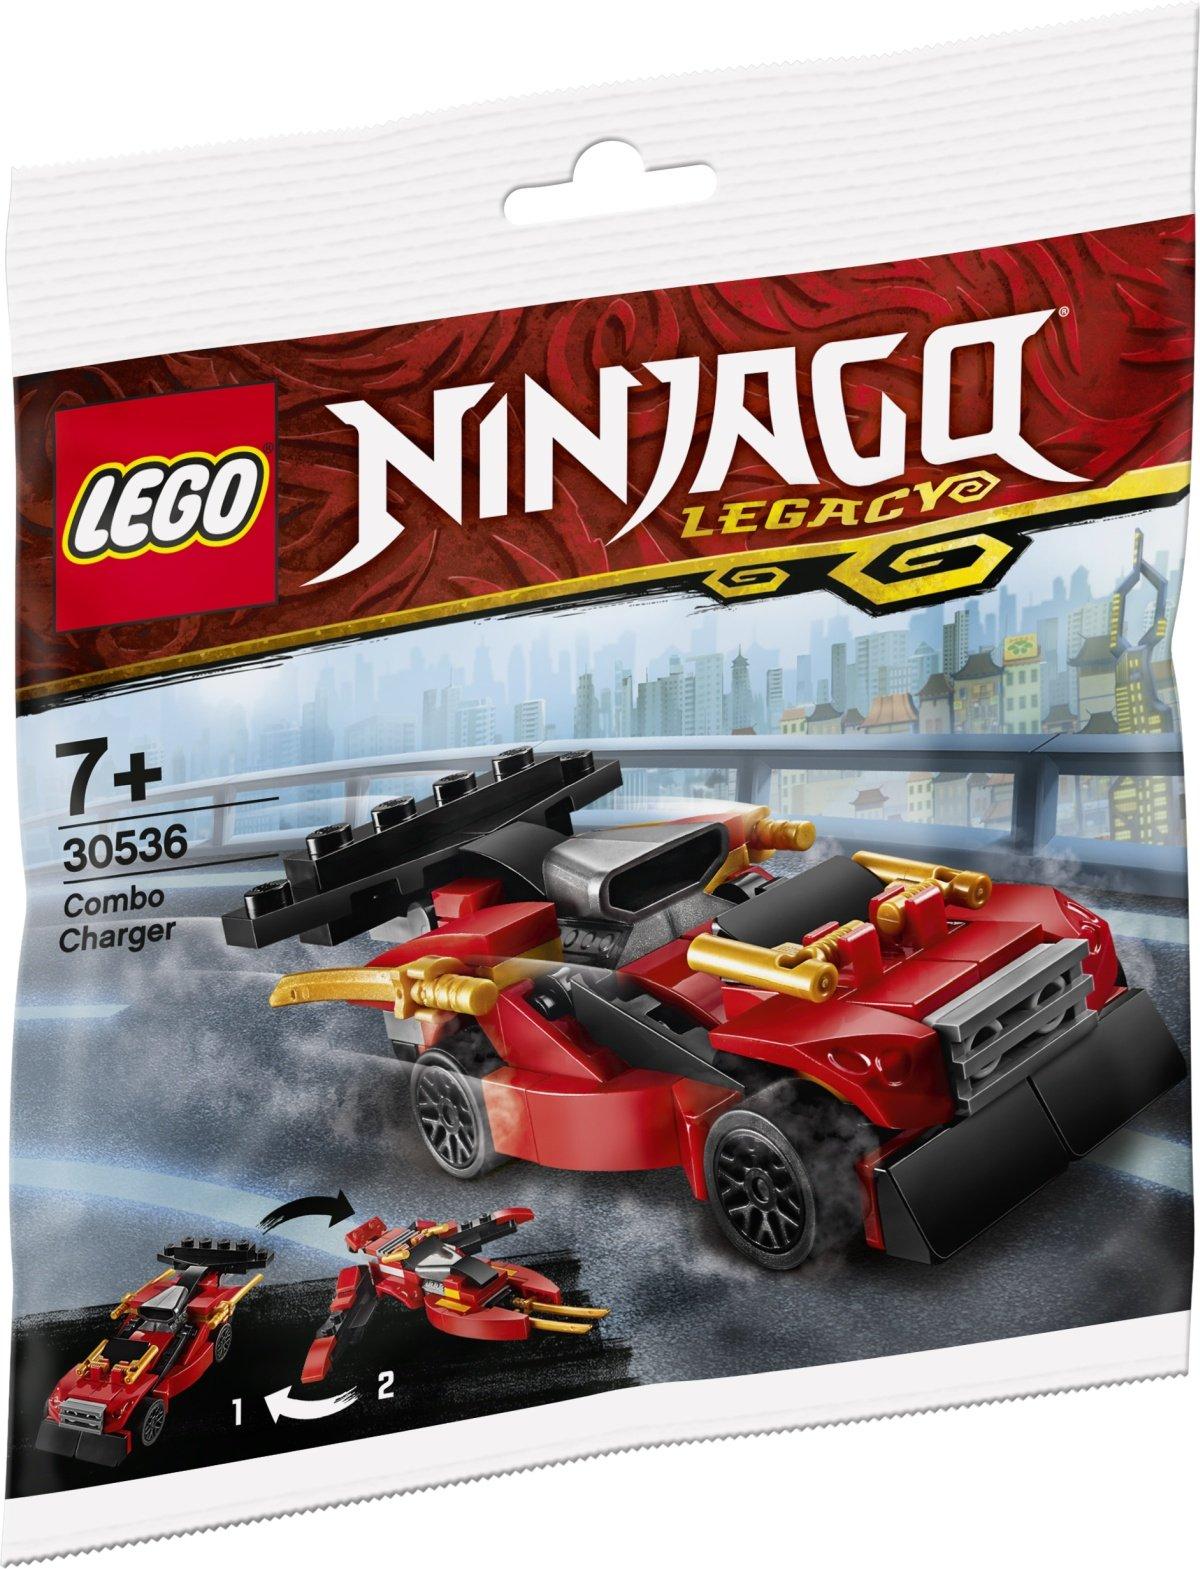 lego-polybag-ninjago-30536-0001